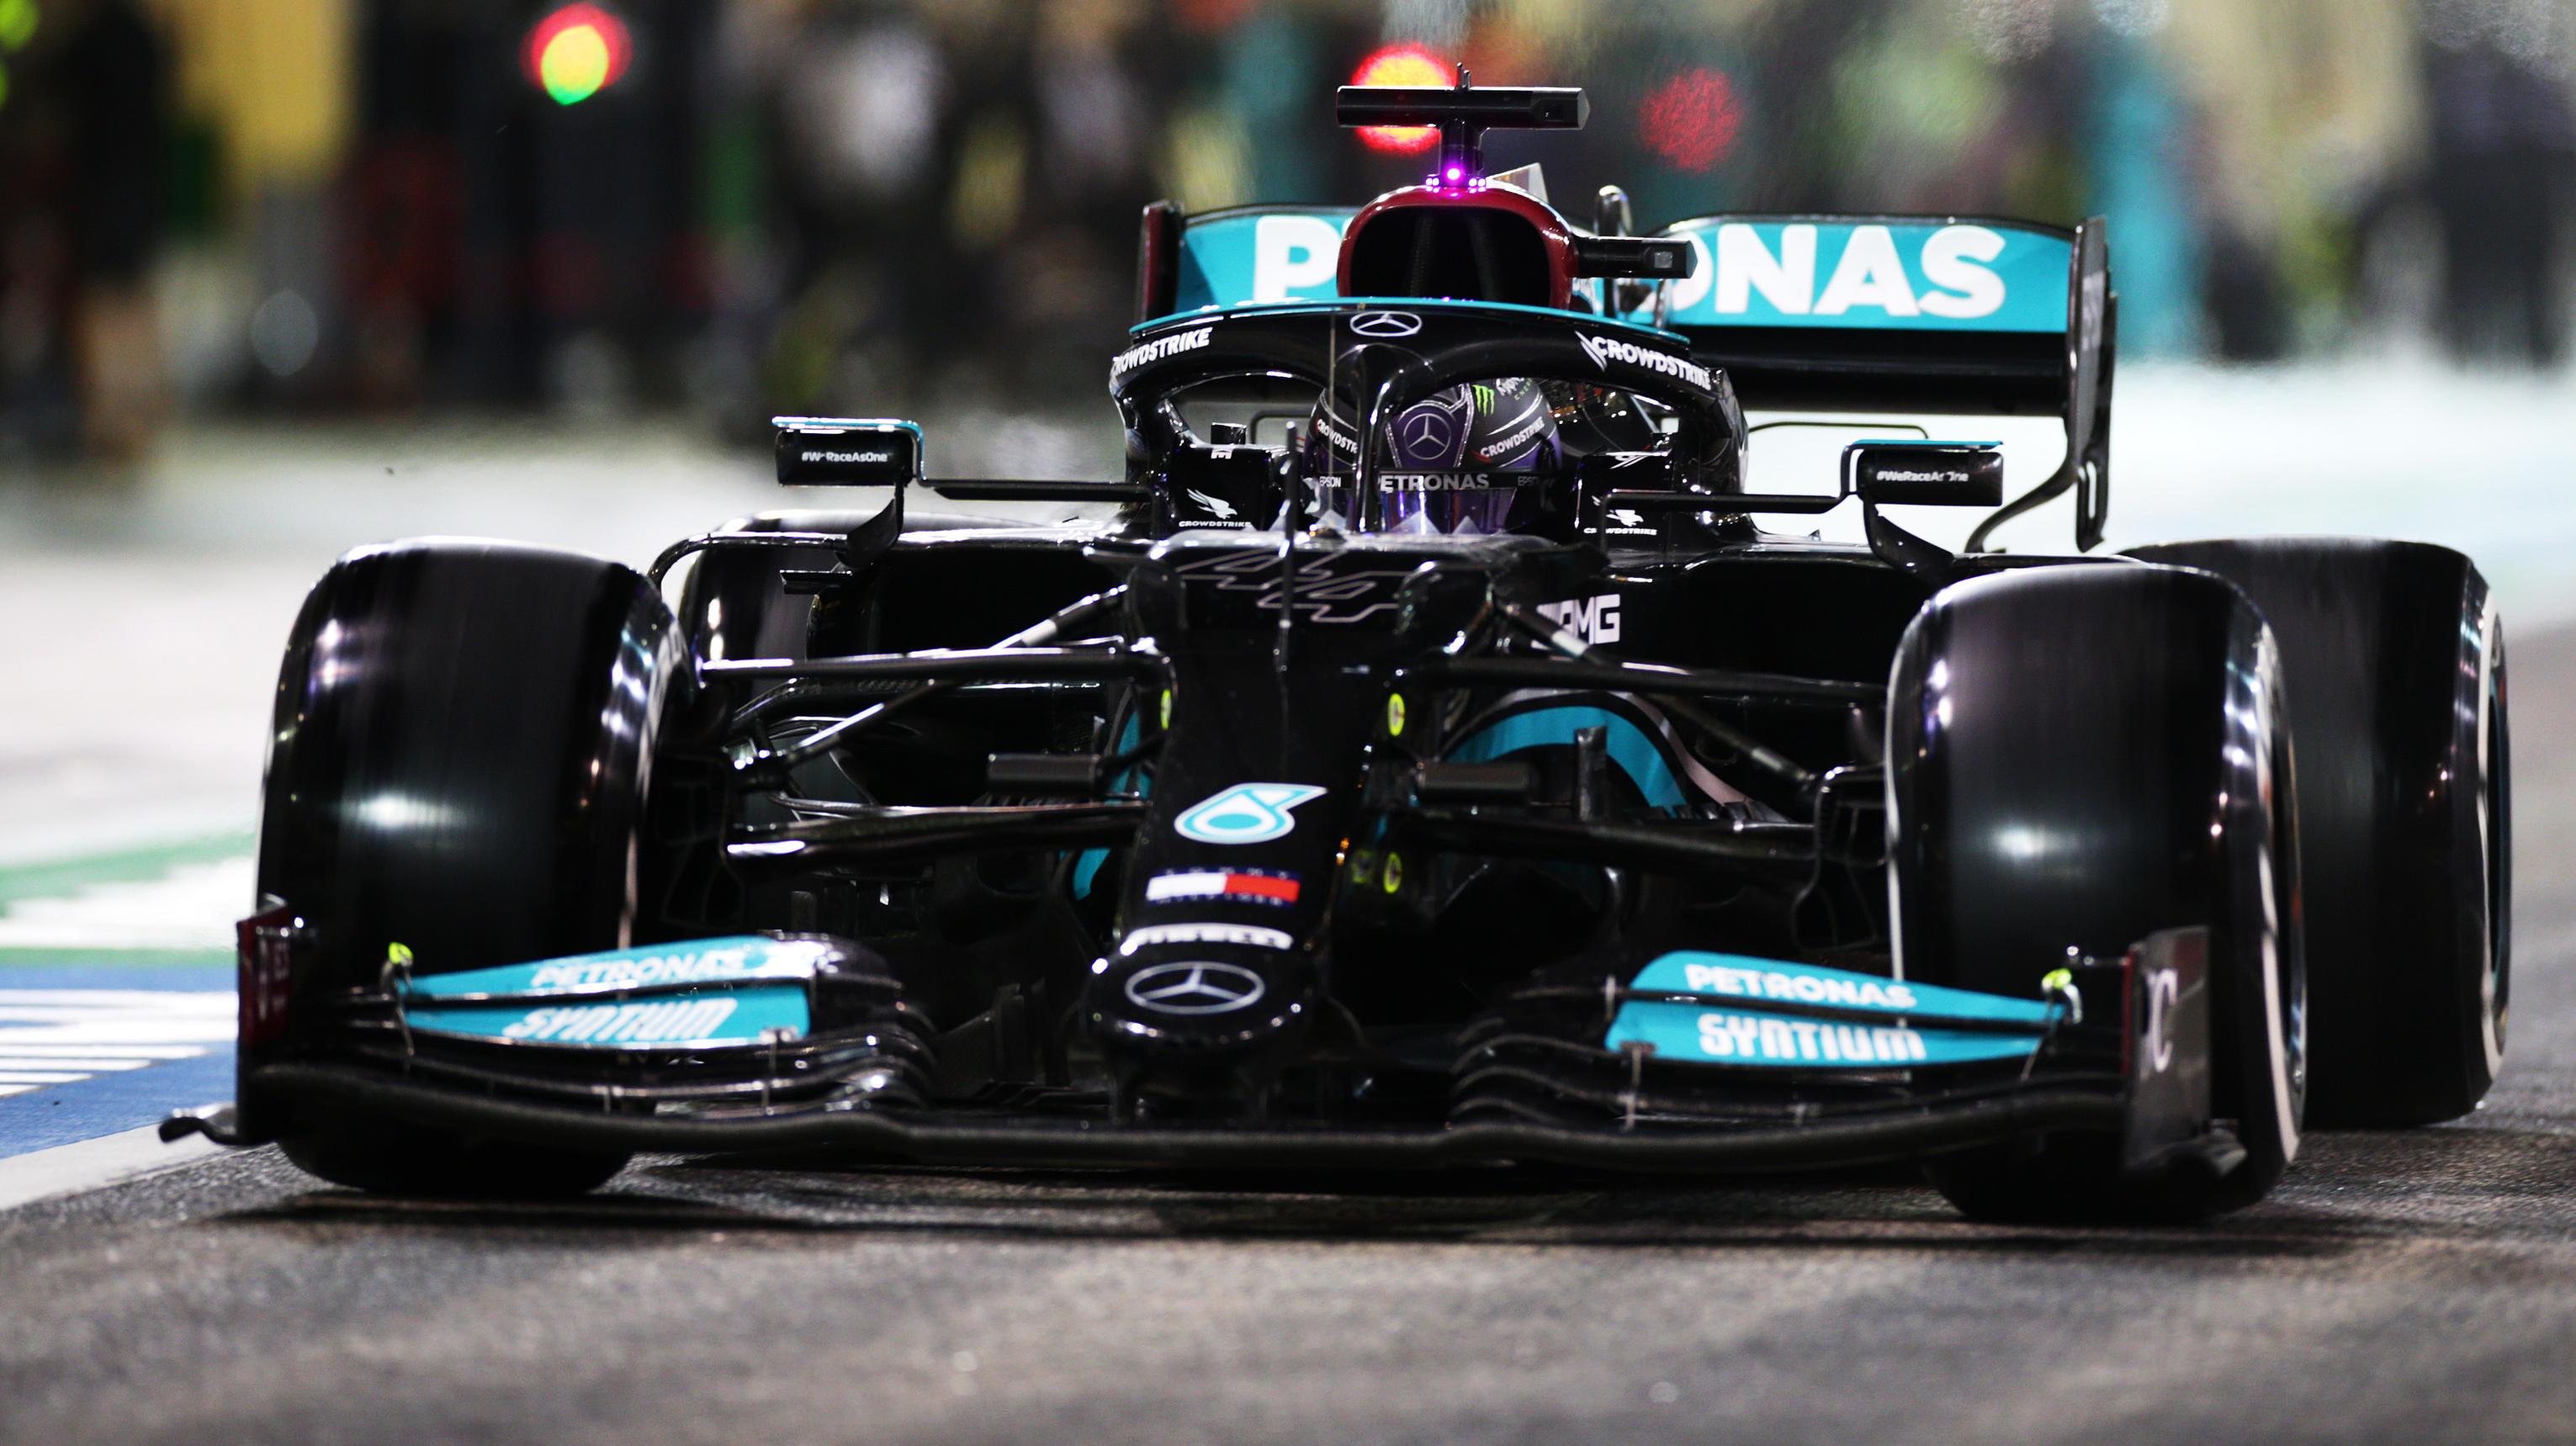 Formel 1 Livestream Free